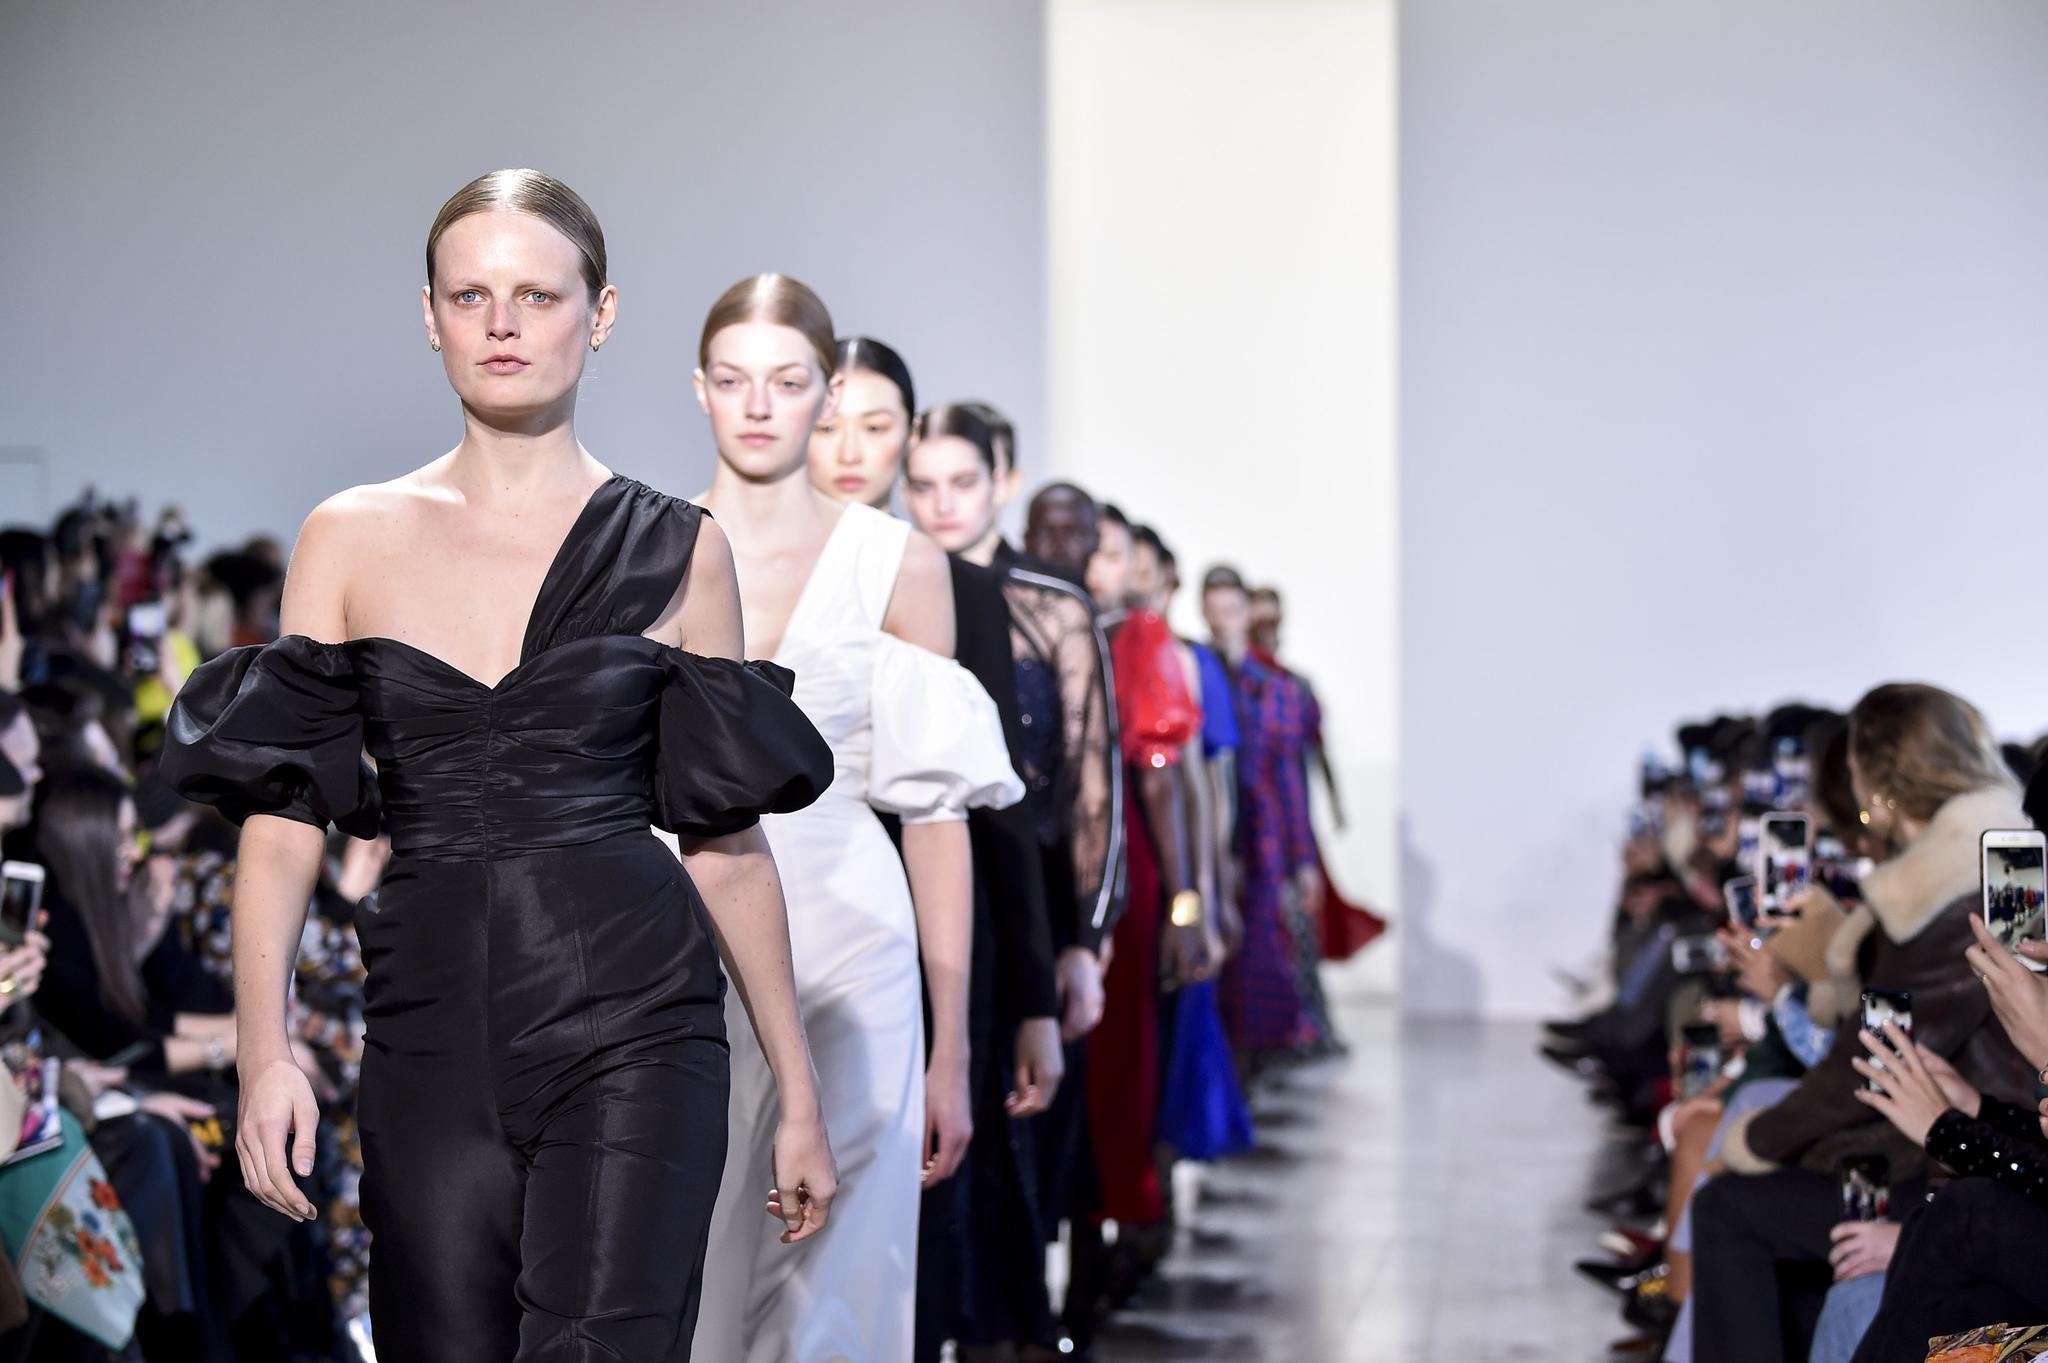 英国采取新隔离举措线下集会控制6人内 伦敦时装周或受影响